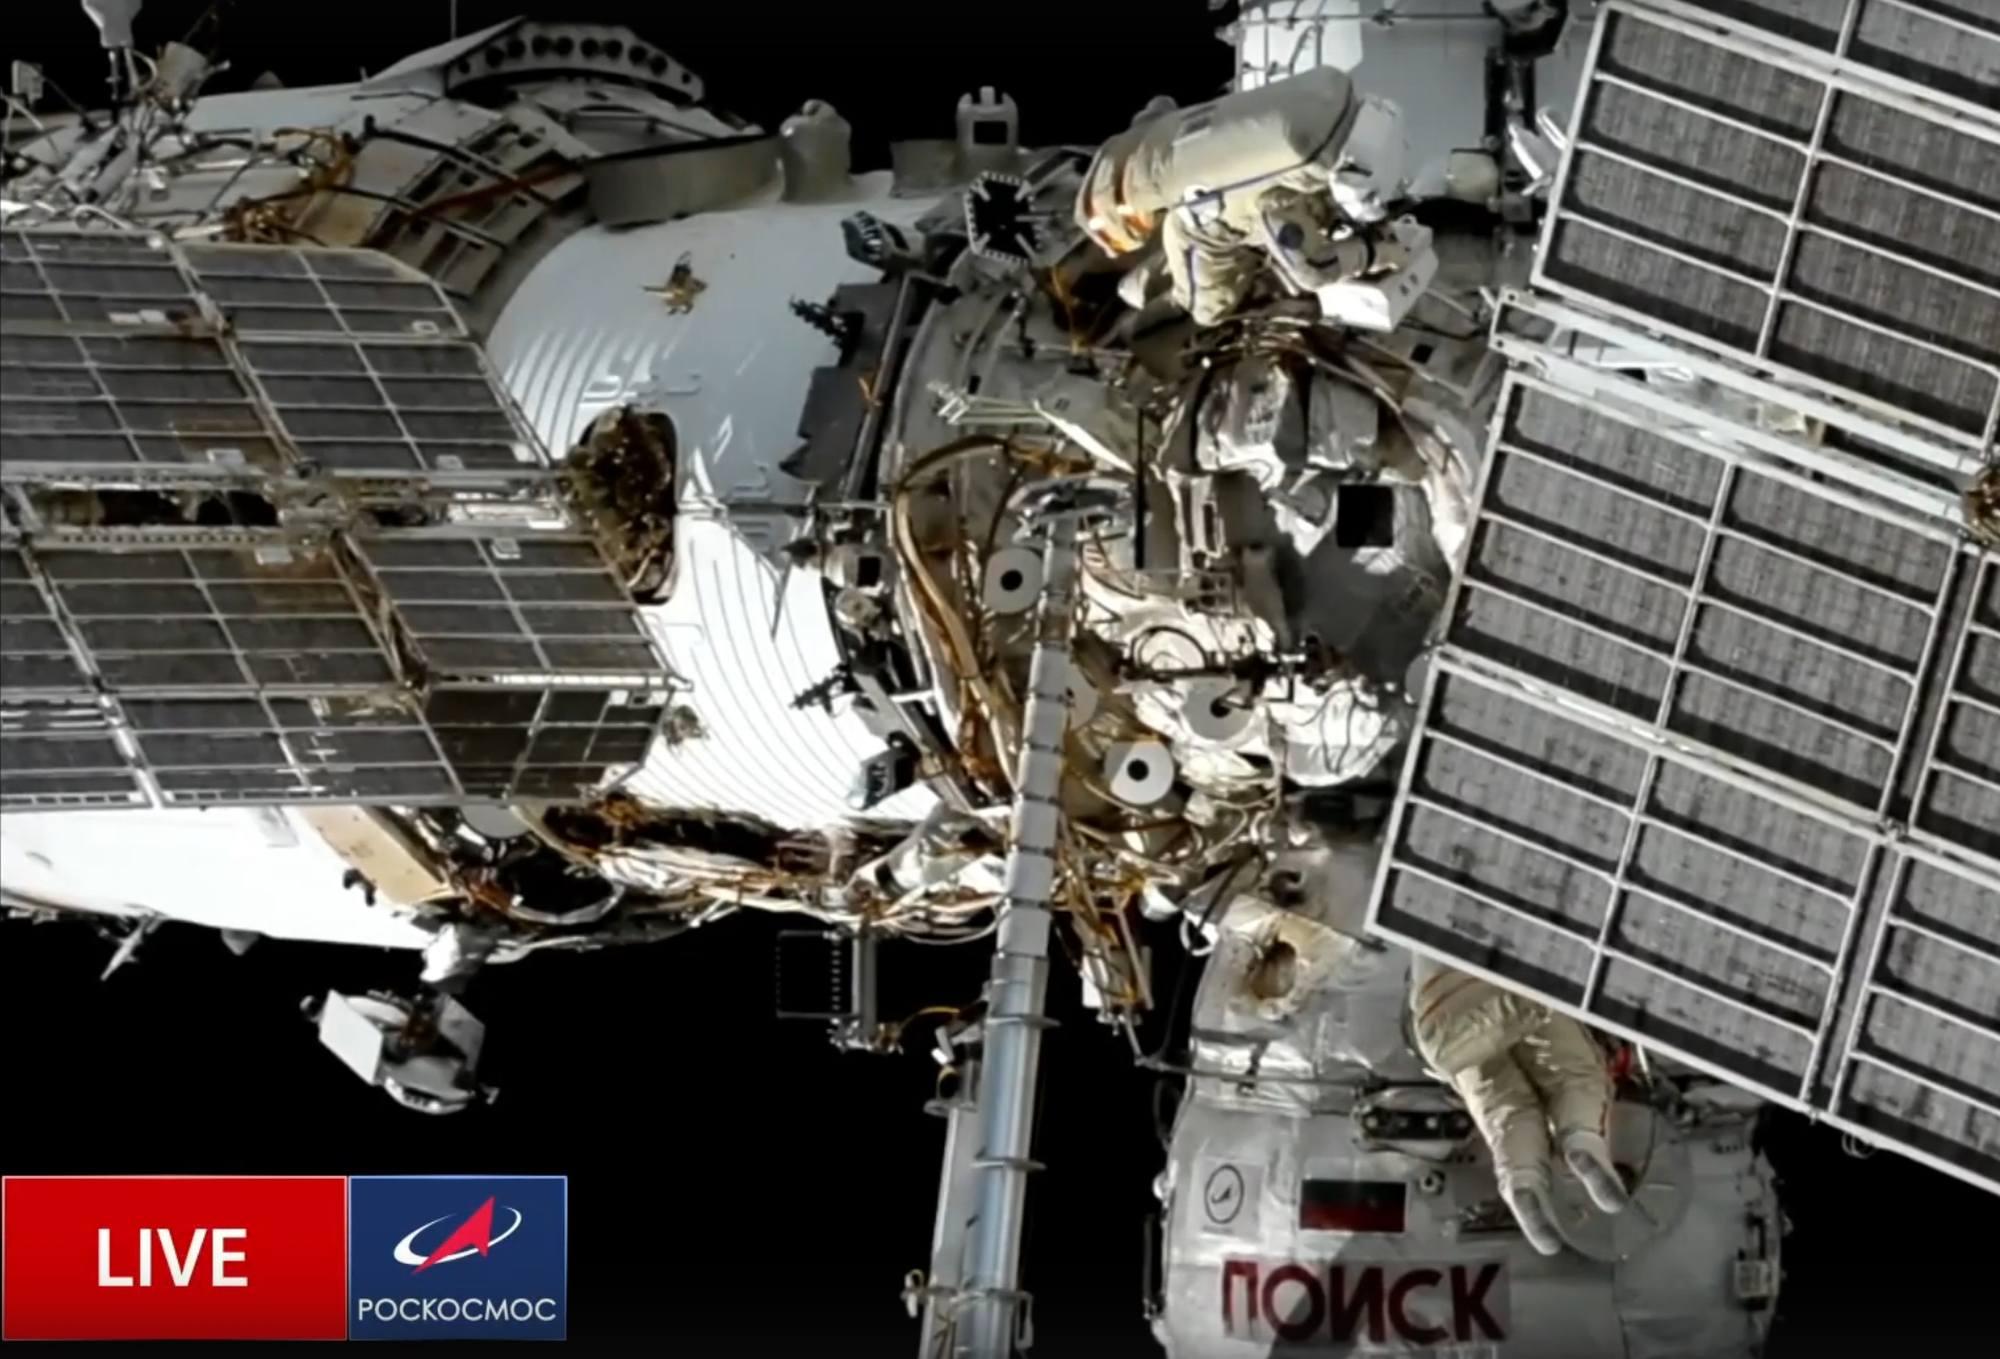 Les cosmonautes en plein travail au niveau du module Poisk (en bas) et Zarya (à gauche).